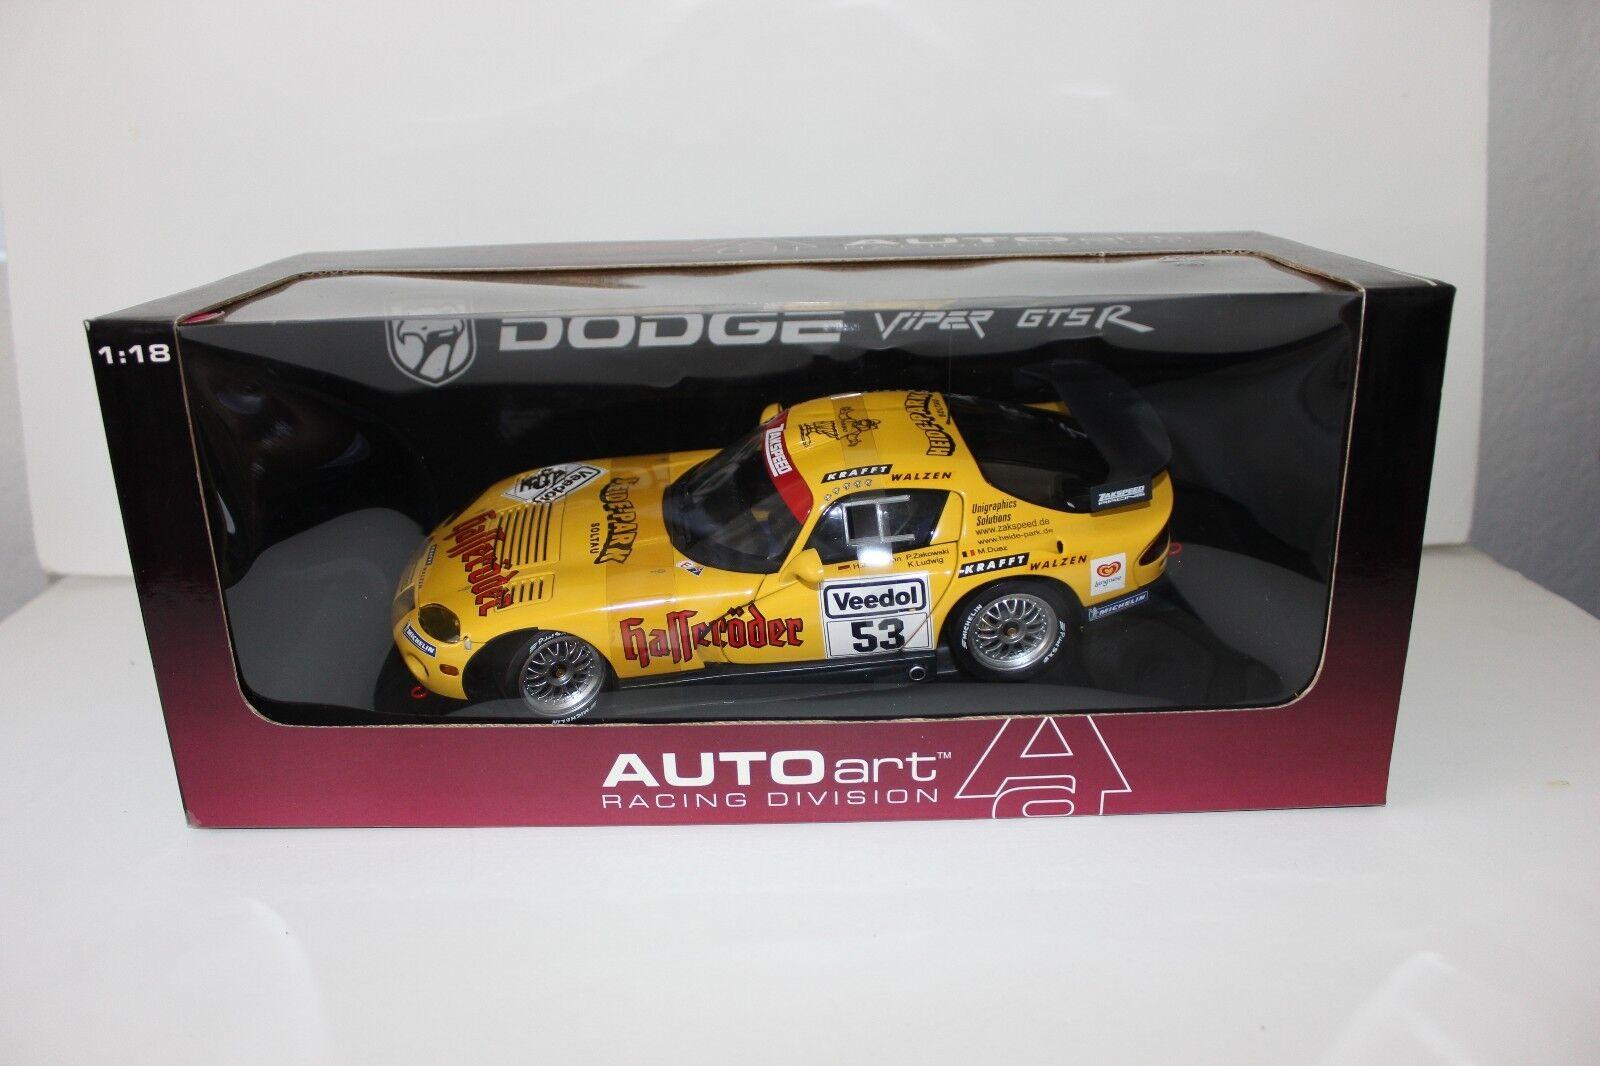 AUTOART 1/18 - 1999 DODGE VIPER GTS-R ZAKSPEED  53 89921